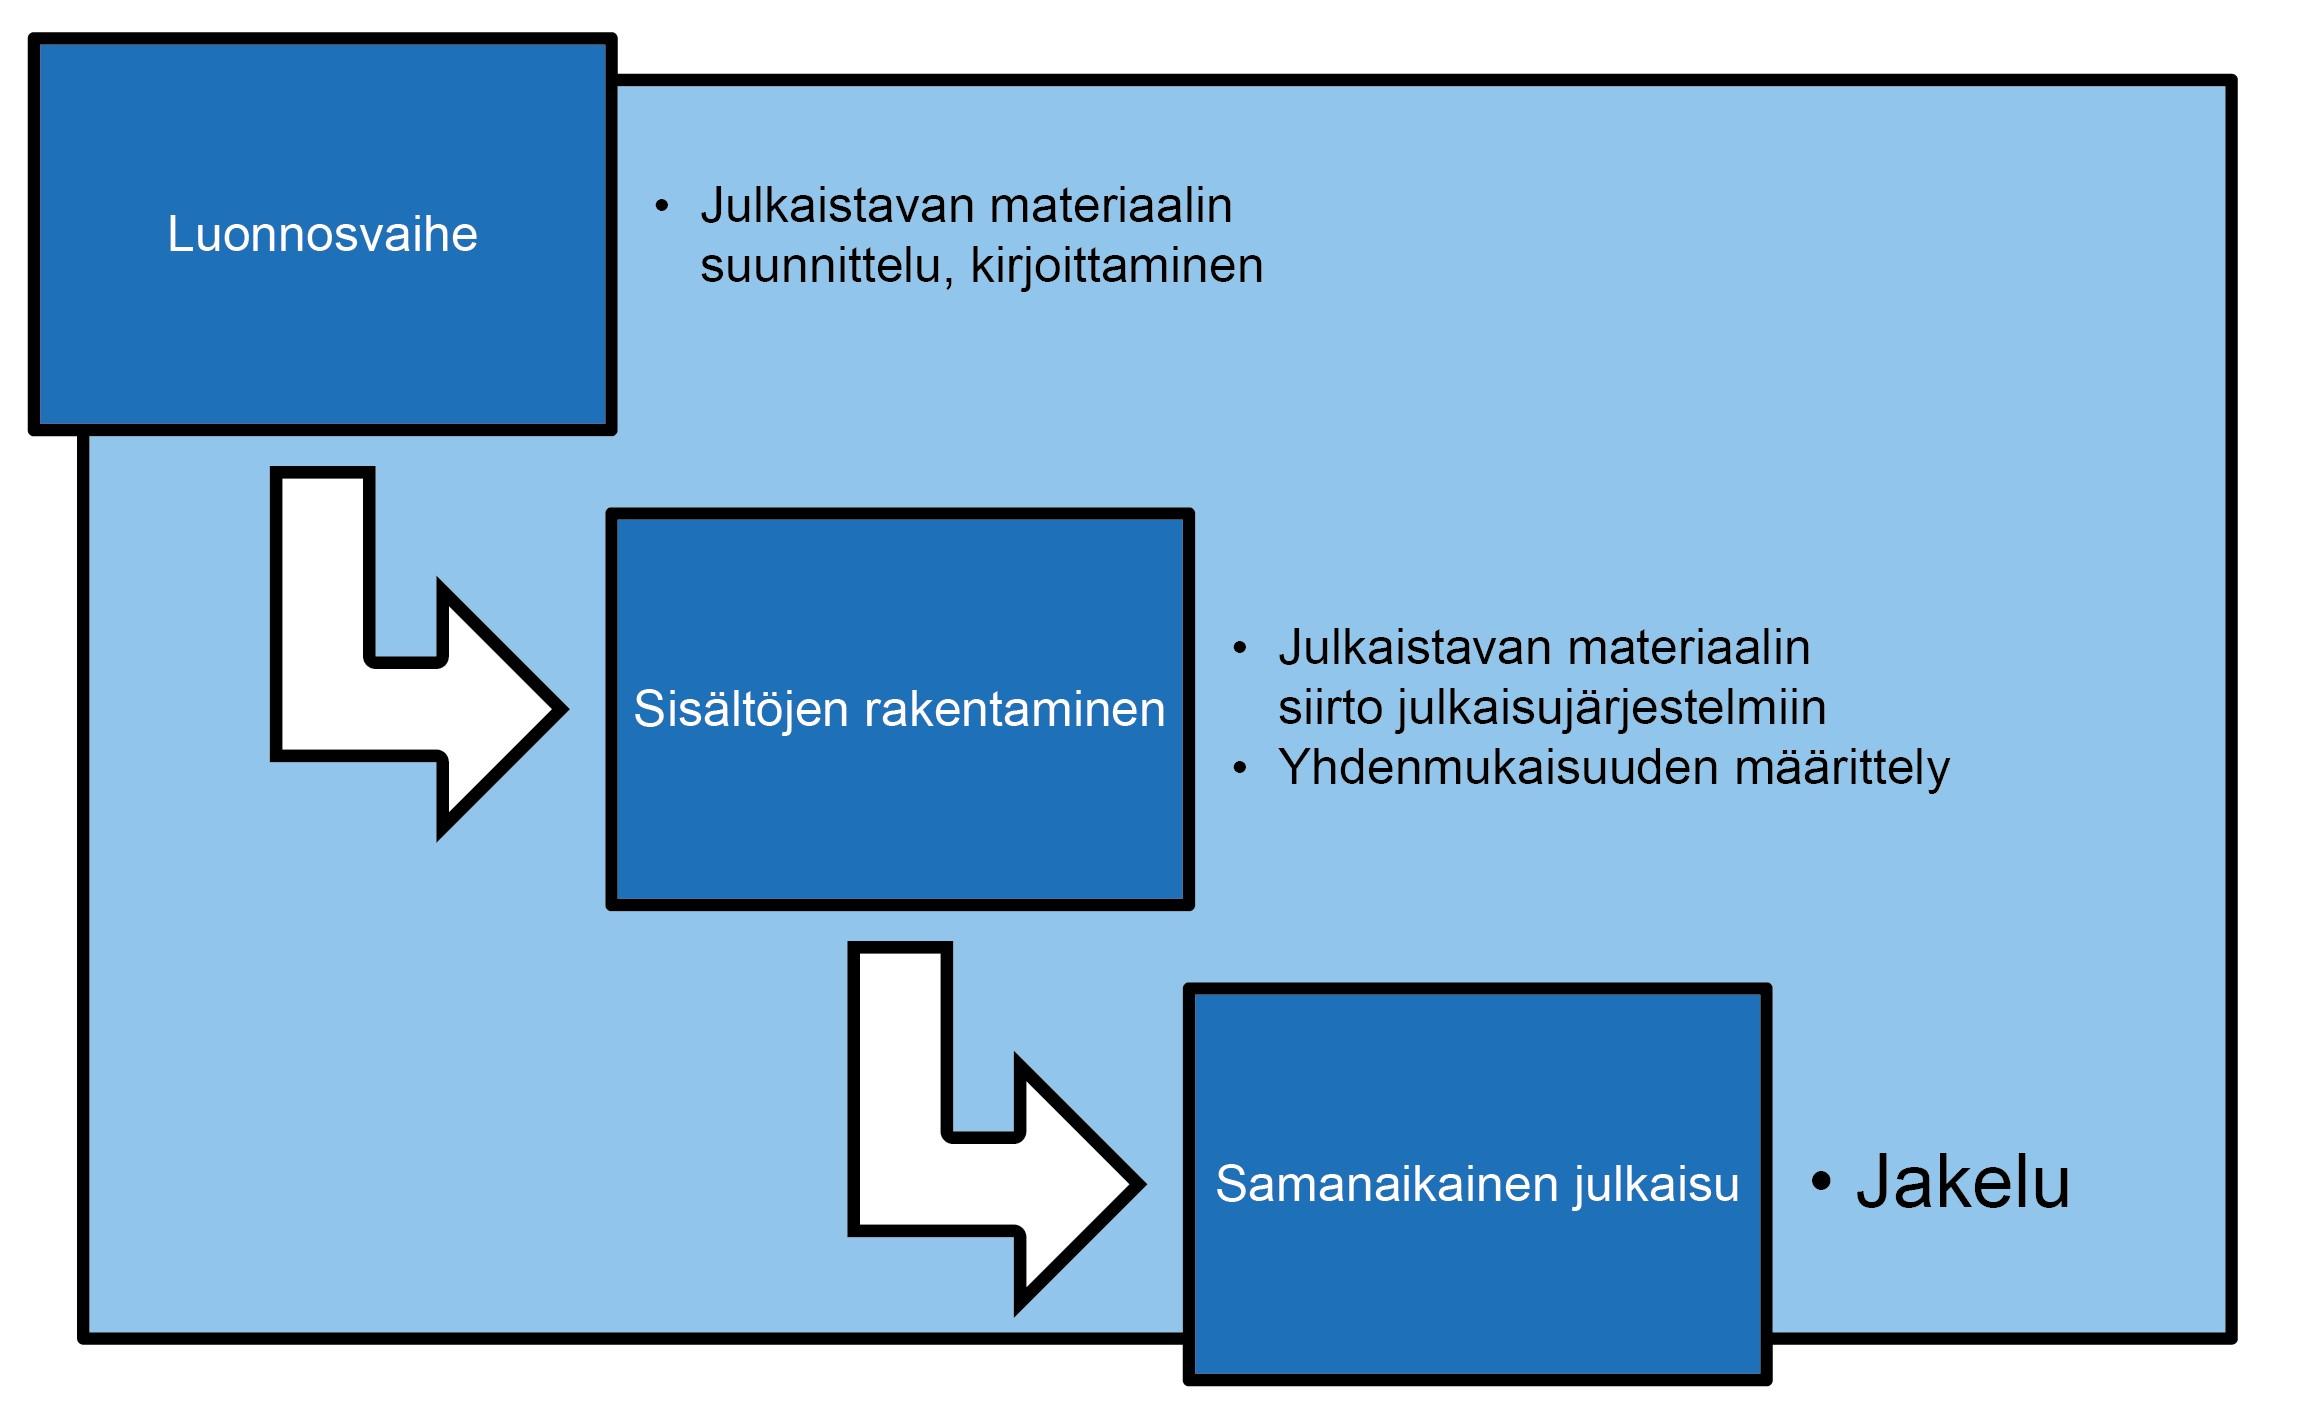 Kuvio havainnollistaa sisällöntuotannon työjärjestystä.